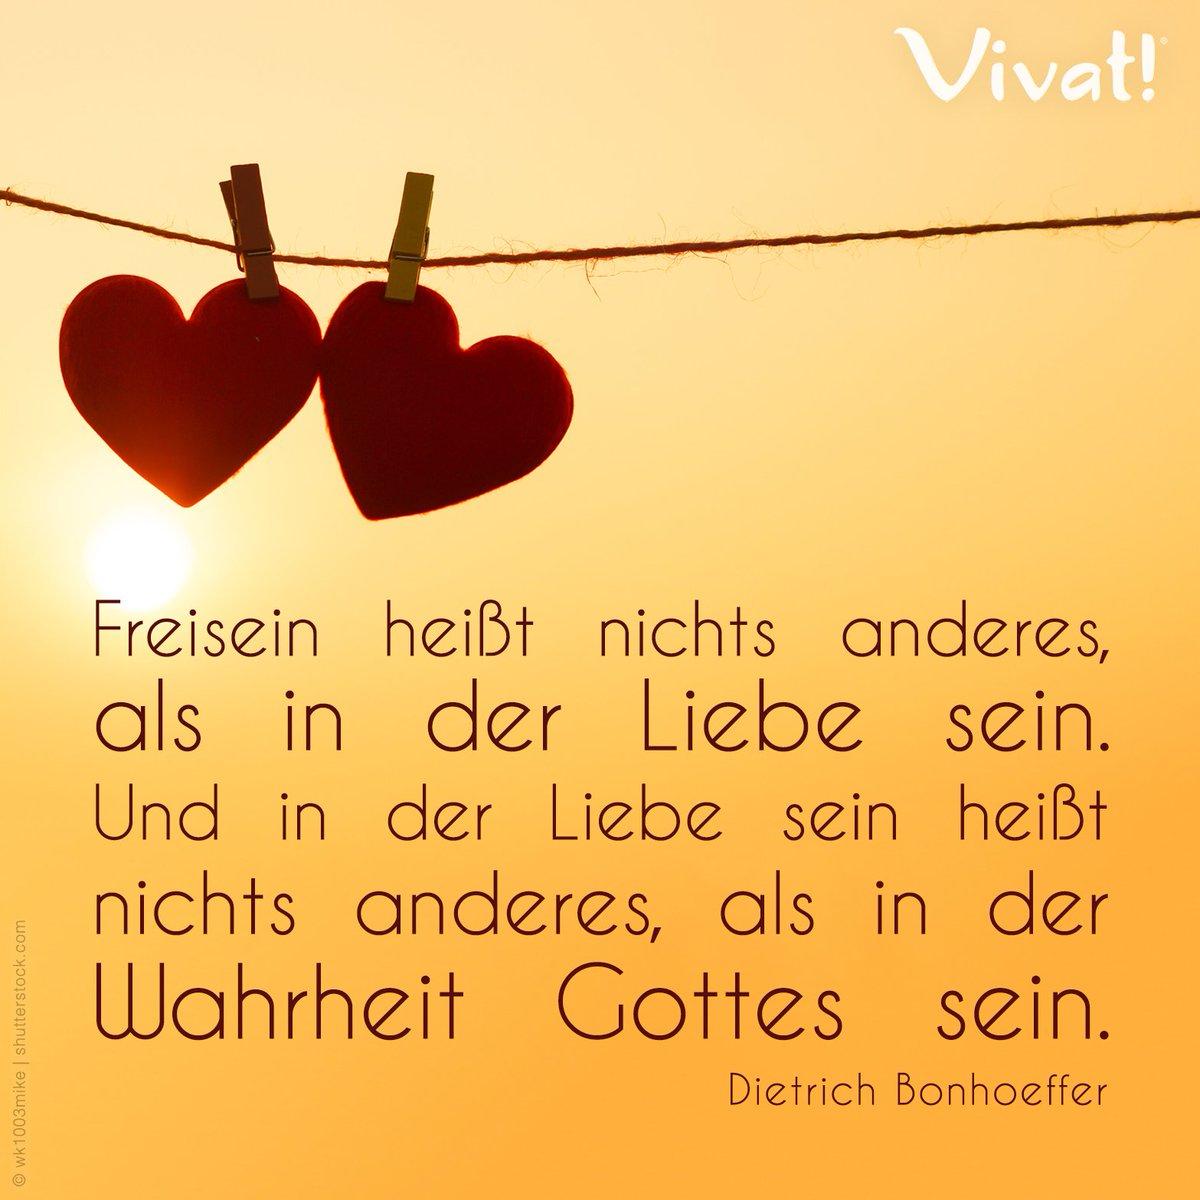 guten start in die neue woche sprüche Vivat! on Twitter: